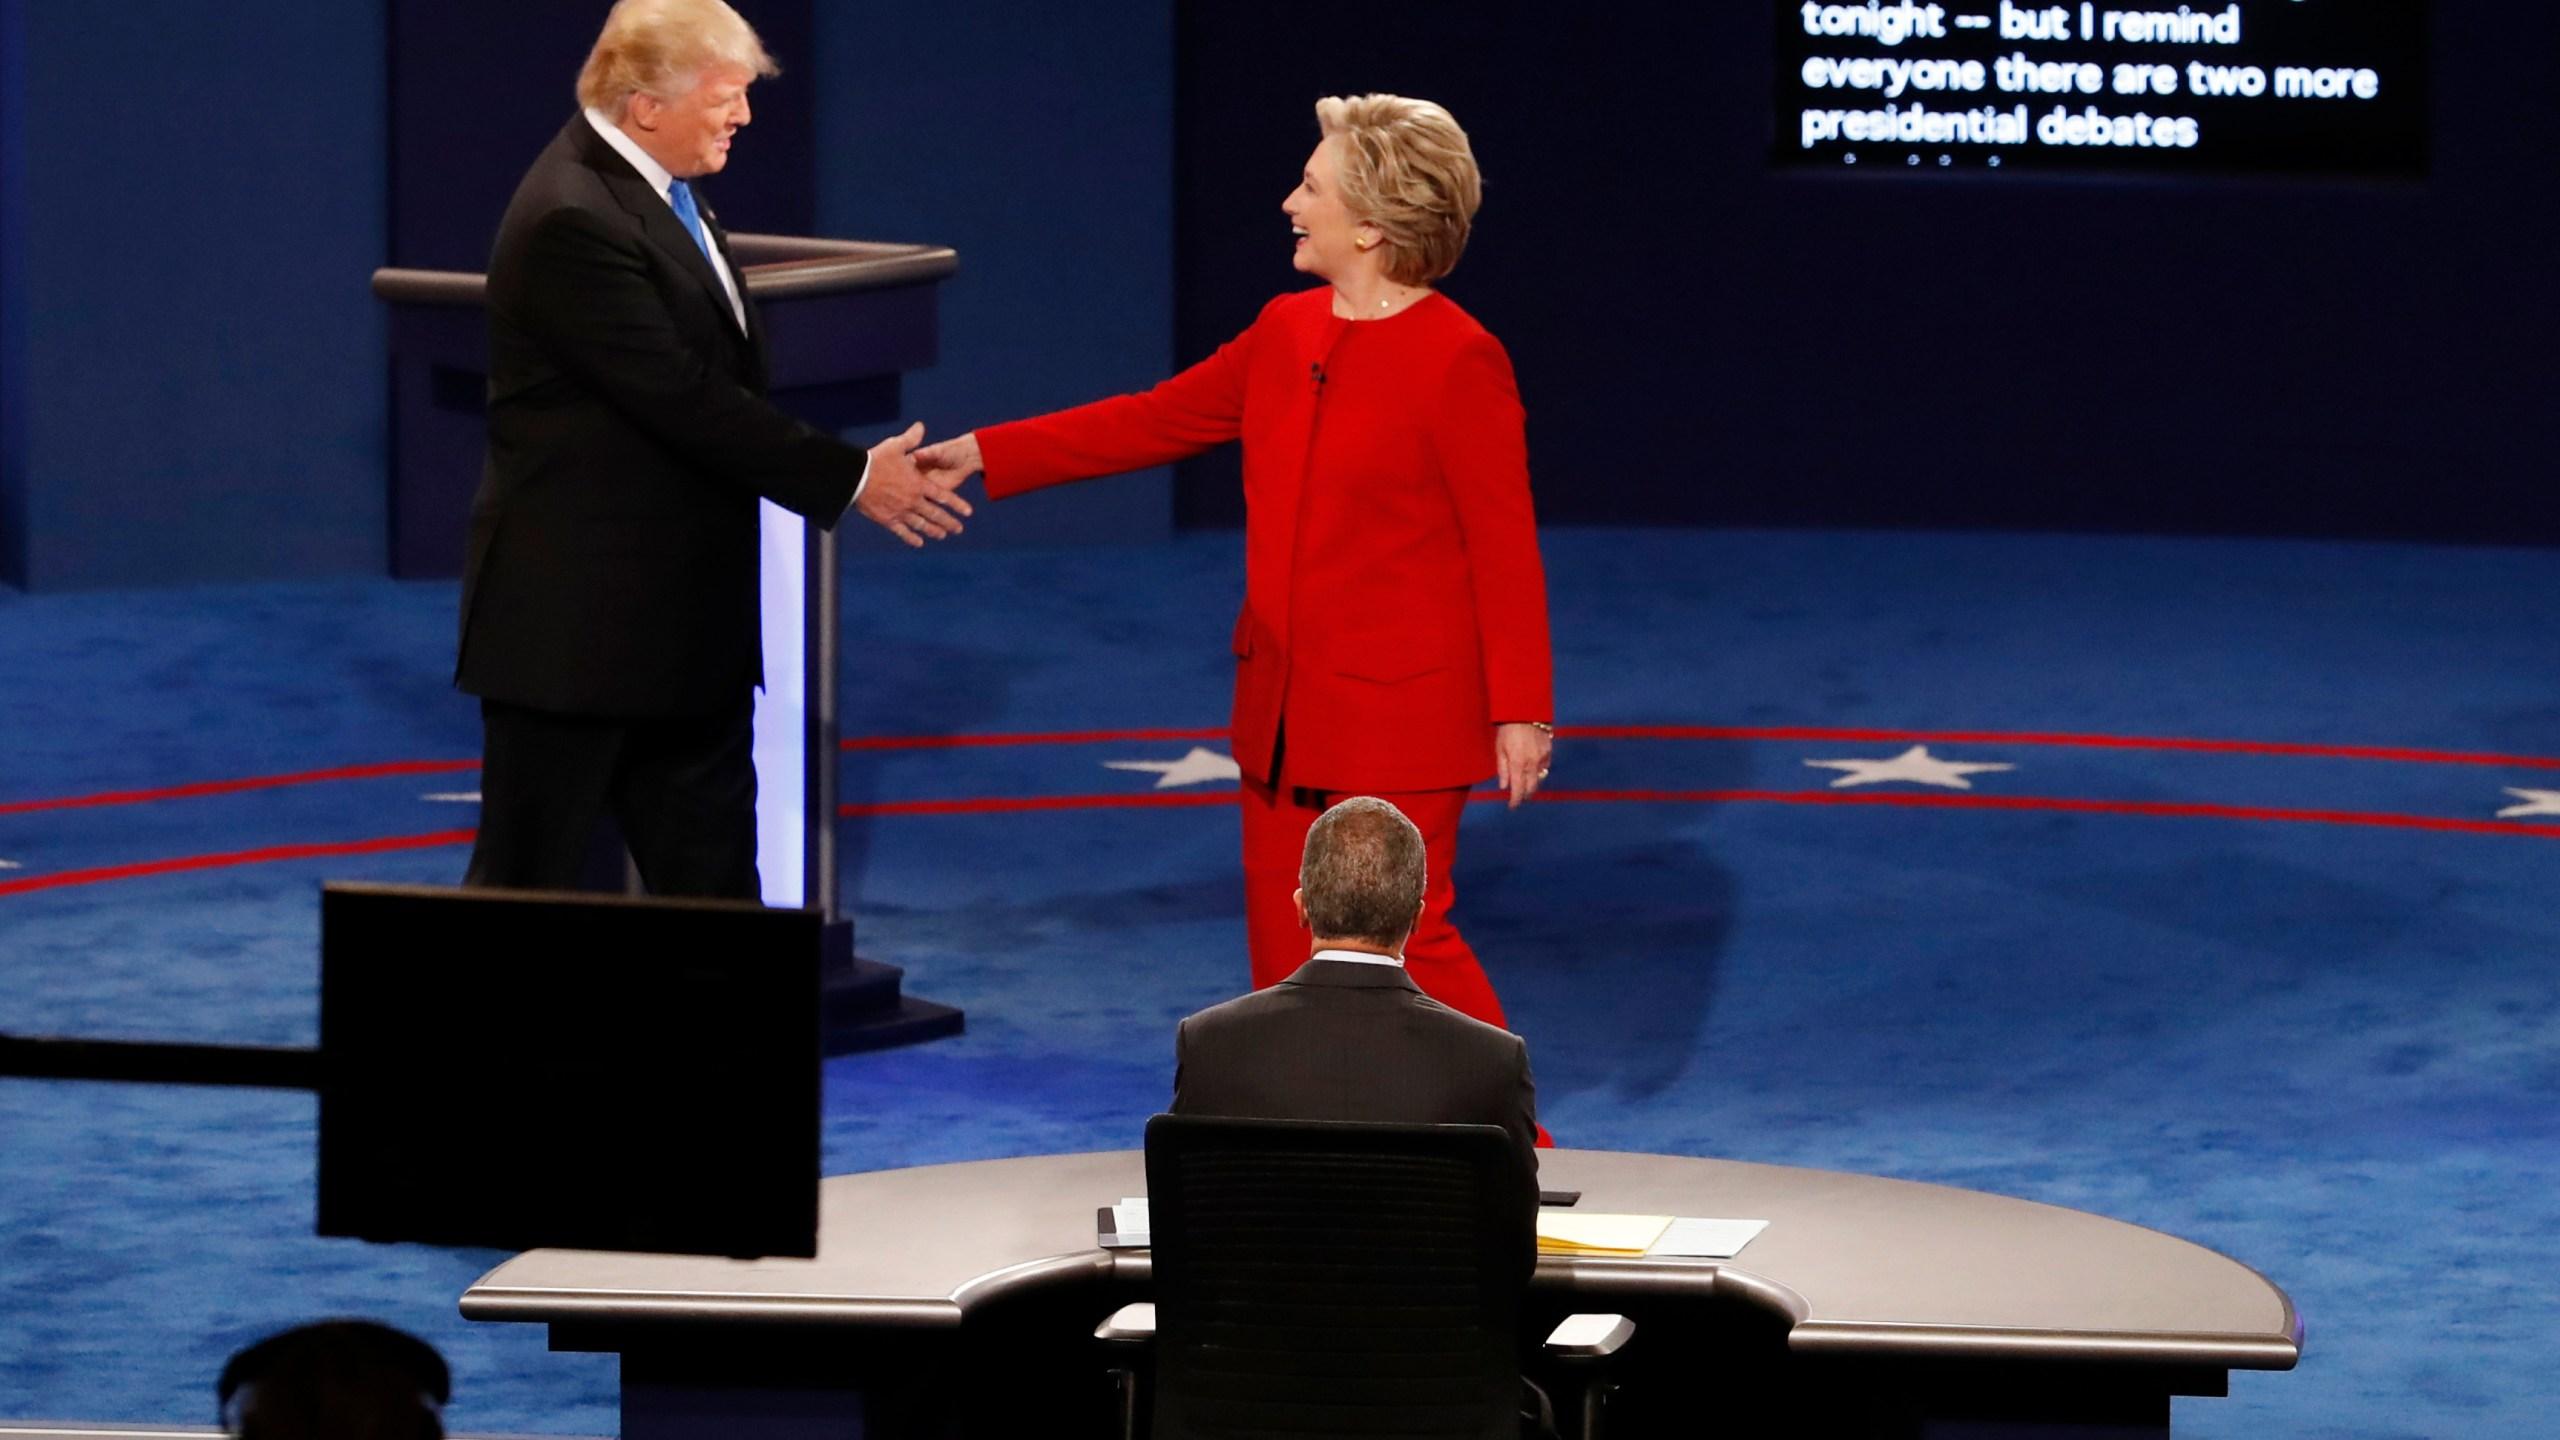 Campaign 2016 Debate_96842